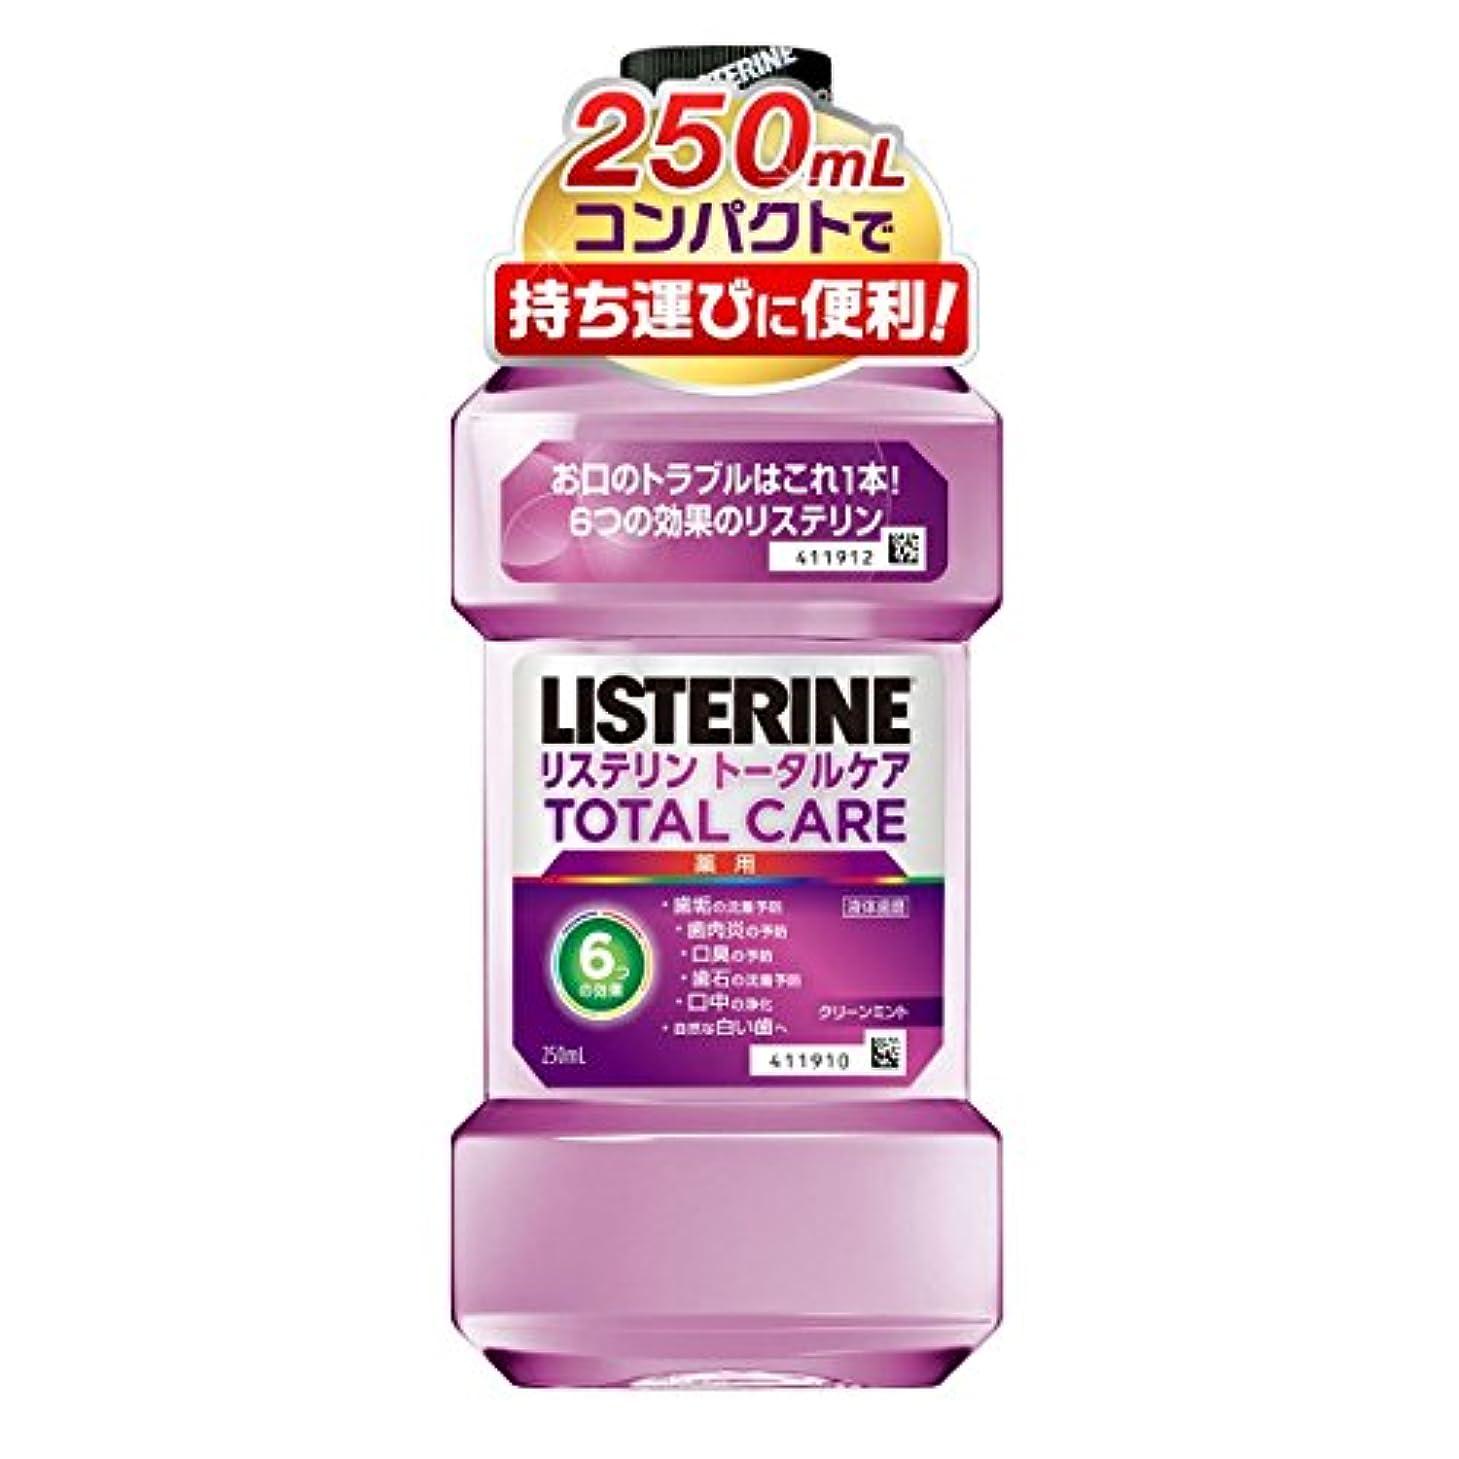 現実には検査とは異なり[医薬部外品] 薬用 リステリン マウスウォッシュ トータルケア 250mL【持ち運びサイズ】